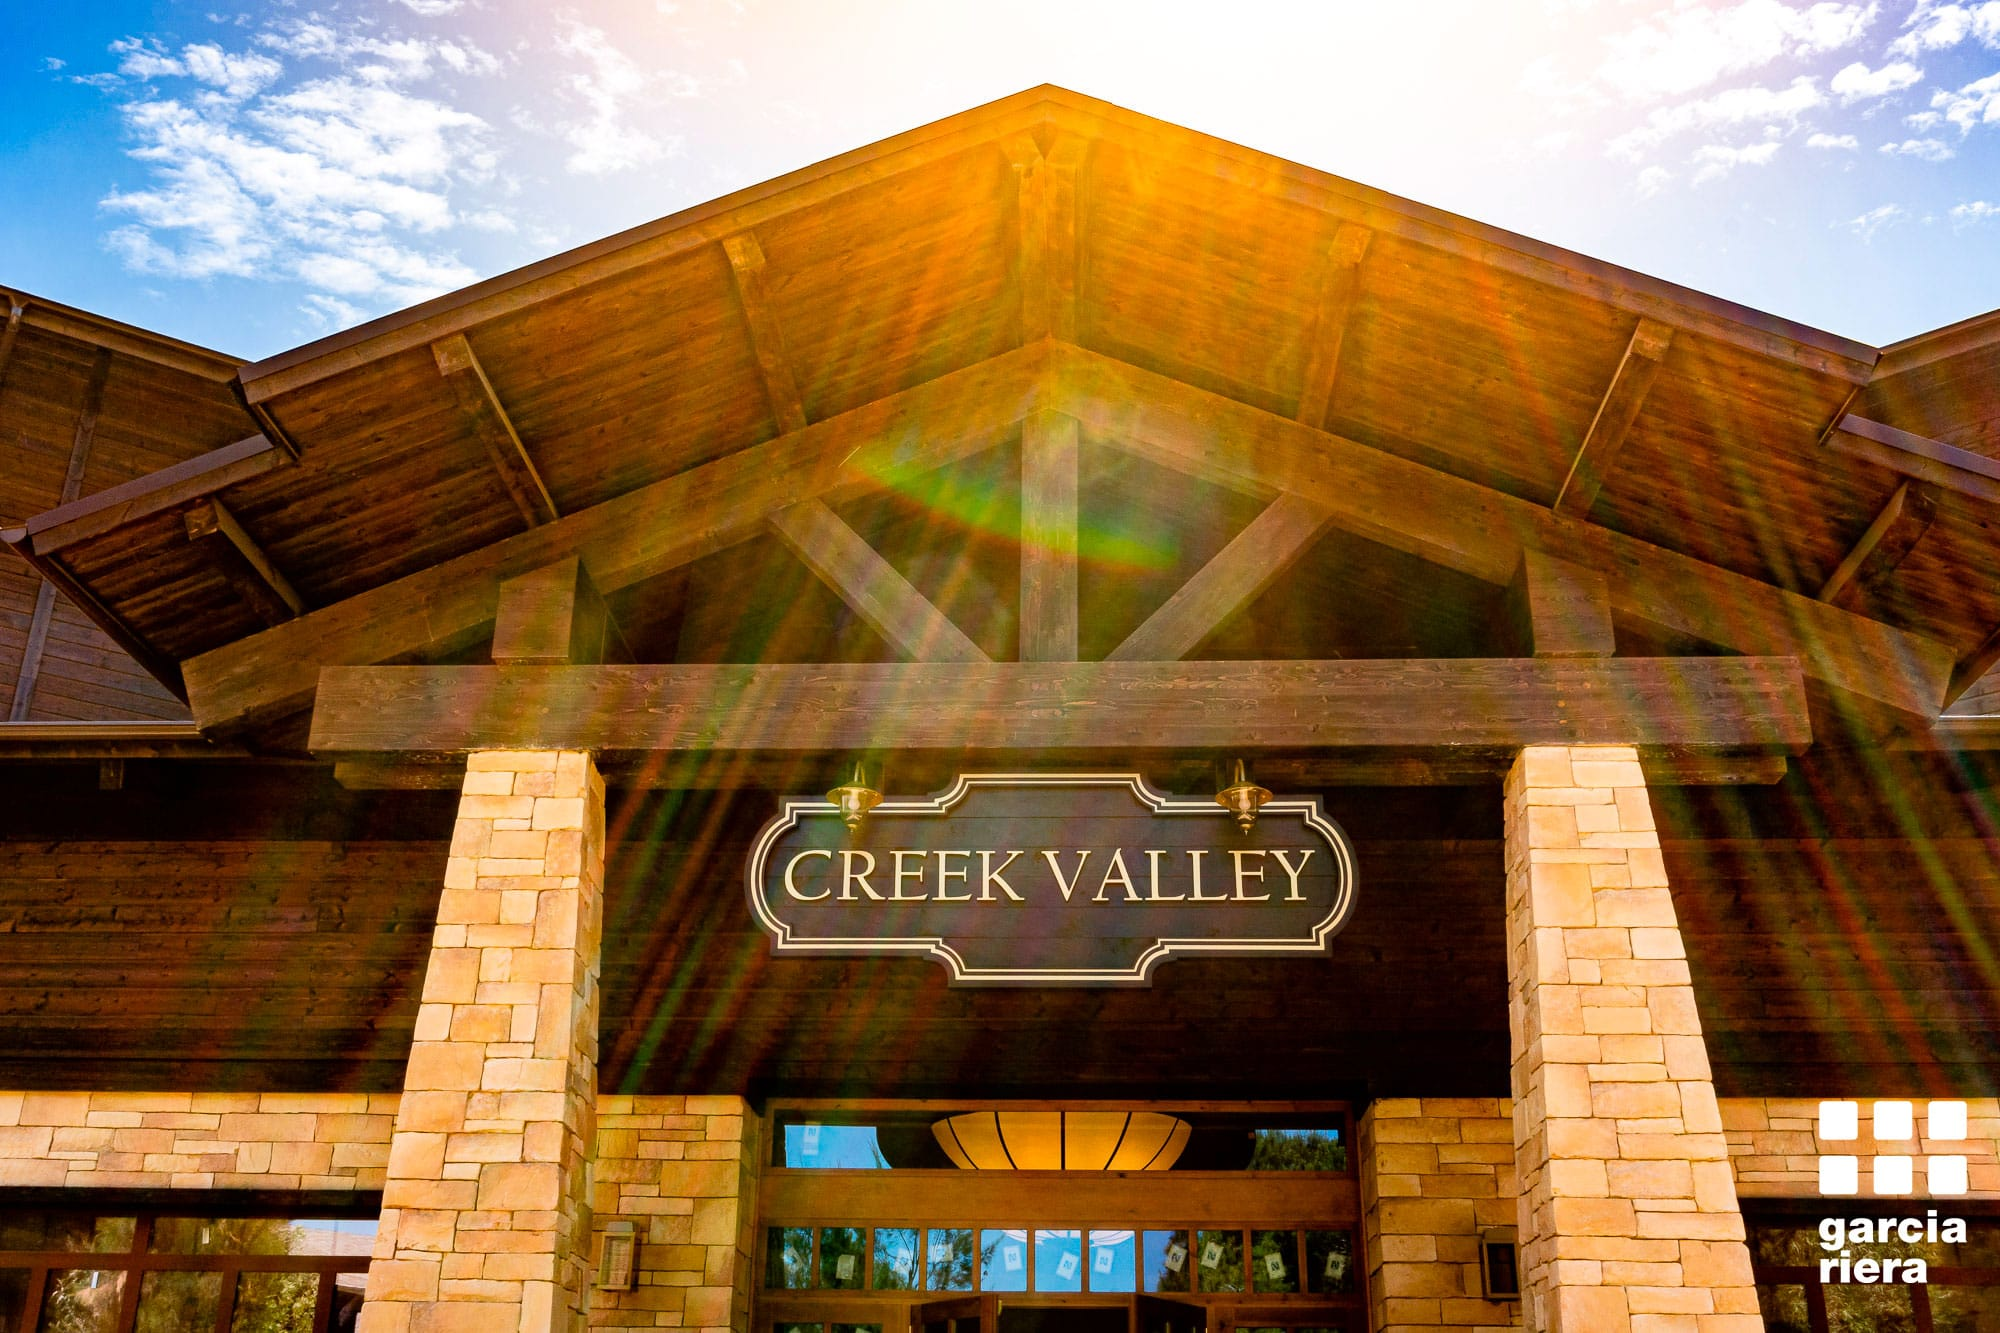 Garcia Riera Hotel Colorado Creek Port Aventura